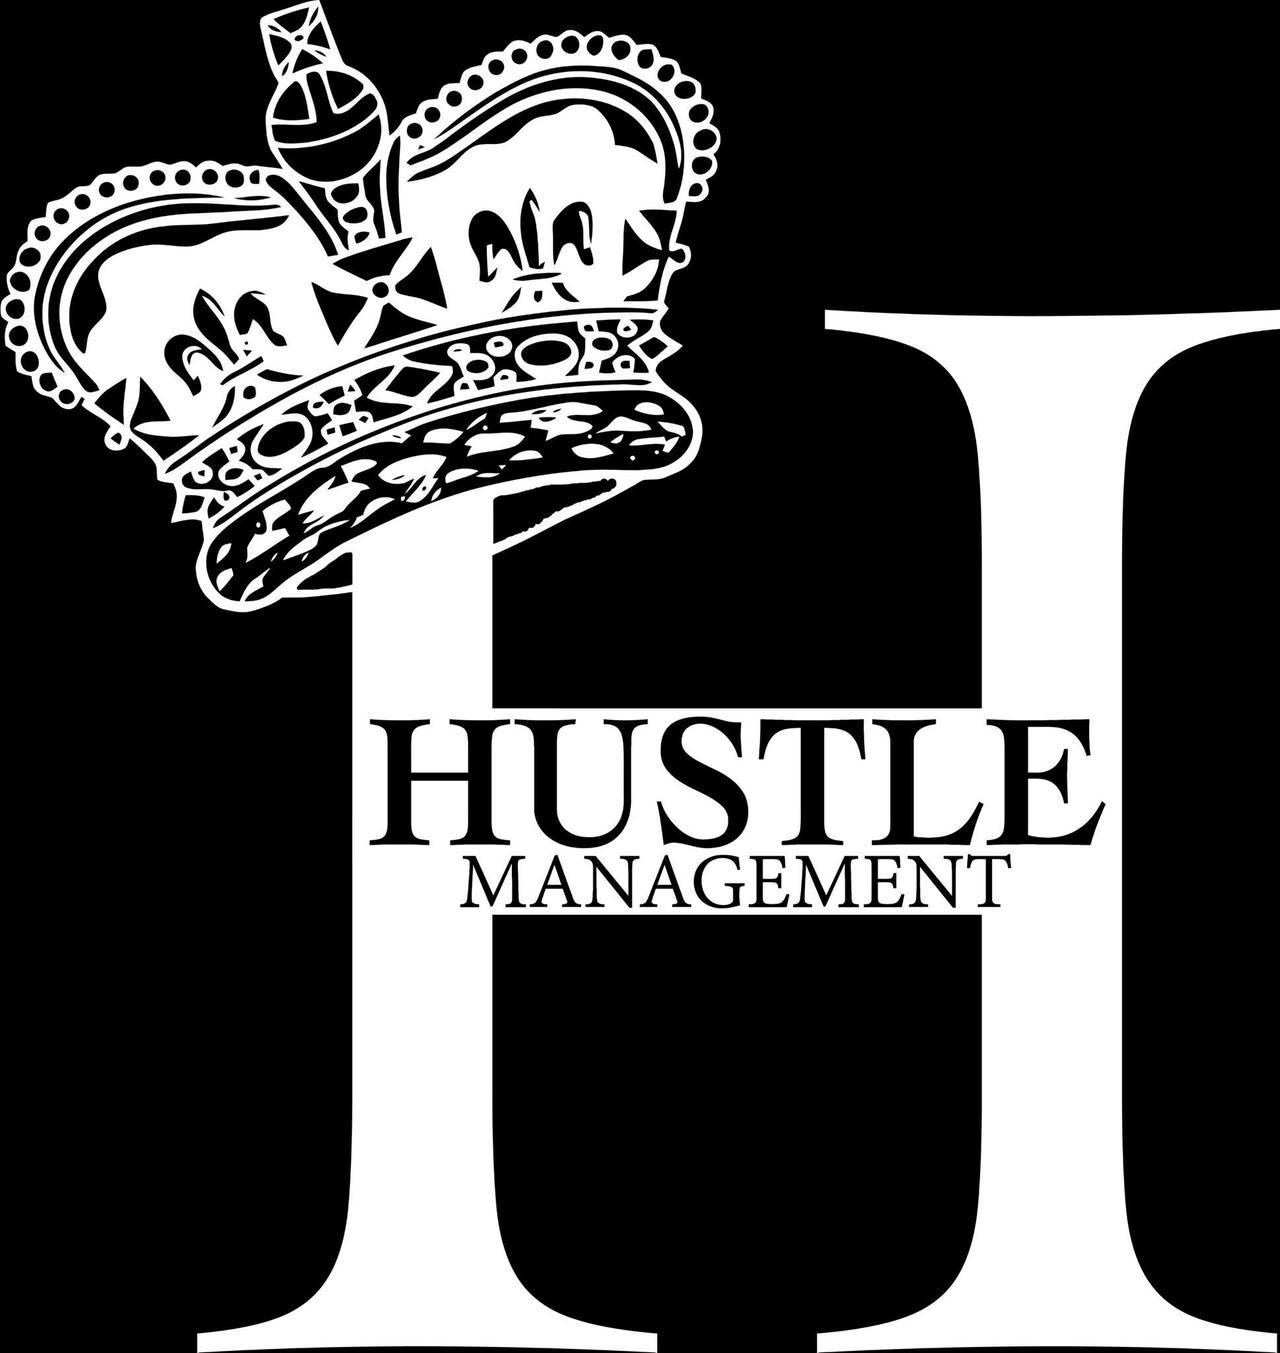 hustlemgmt vectored logo.jpg